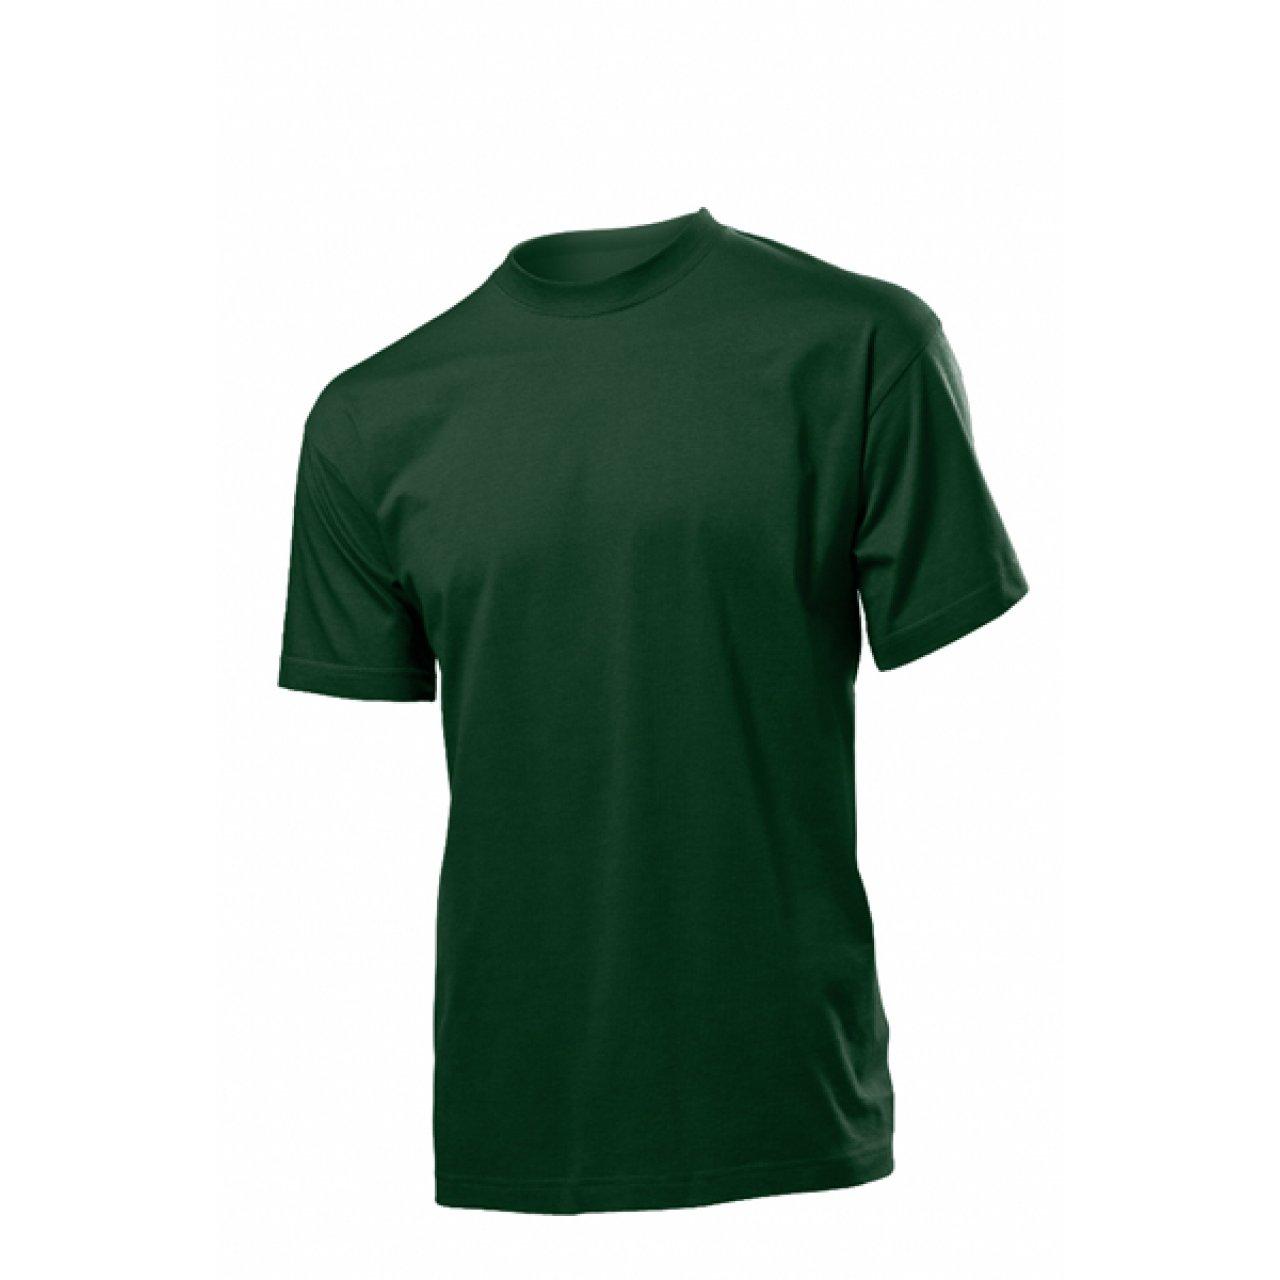 Купити оптом футболки Стедман — uagroup.com.ua 774f2b503a4d1